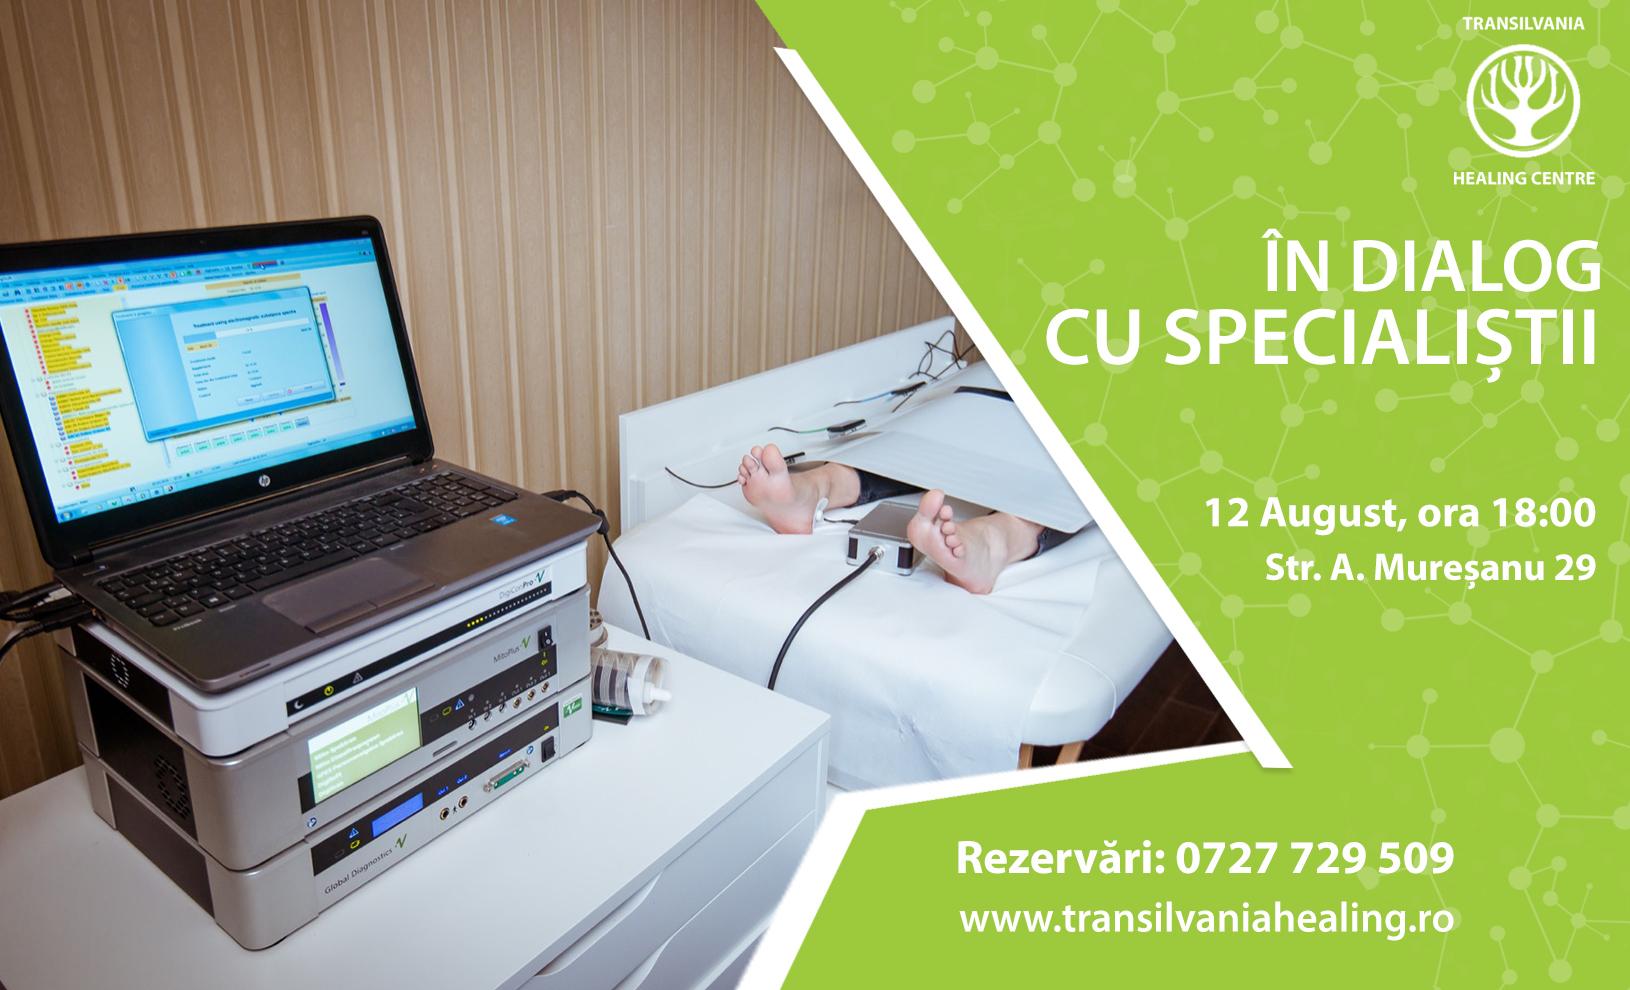 În dialog cu specialiștii Transilvania Healing Centre:  Tratează-te non-invaziv, prin intermediul medicinei bioelectromagnetice! 28 2